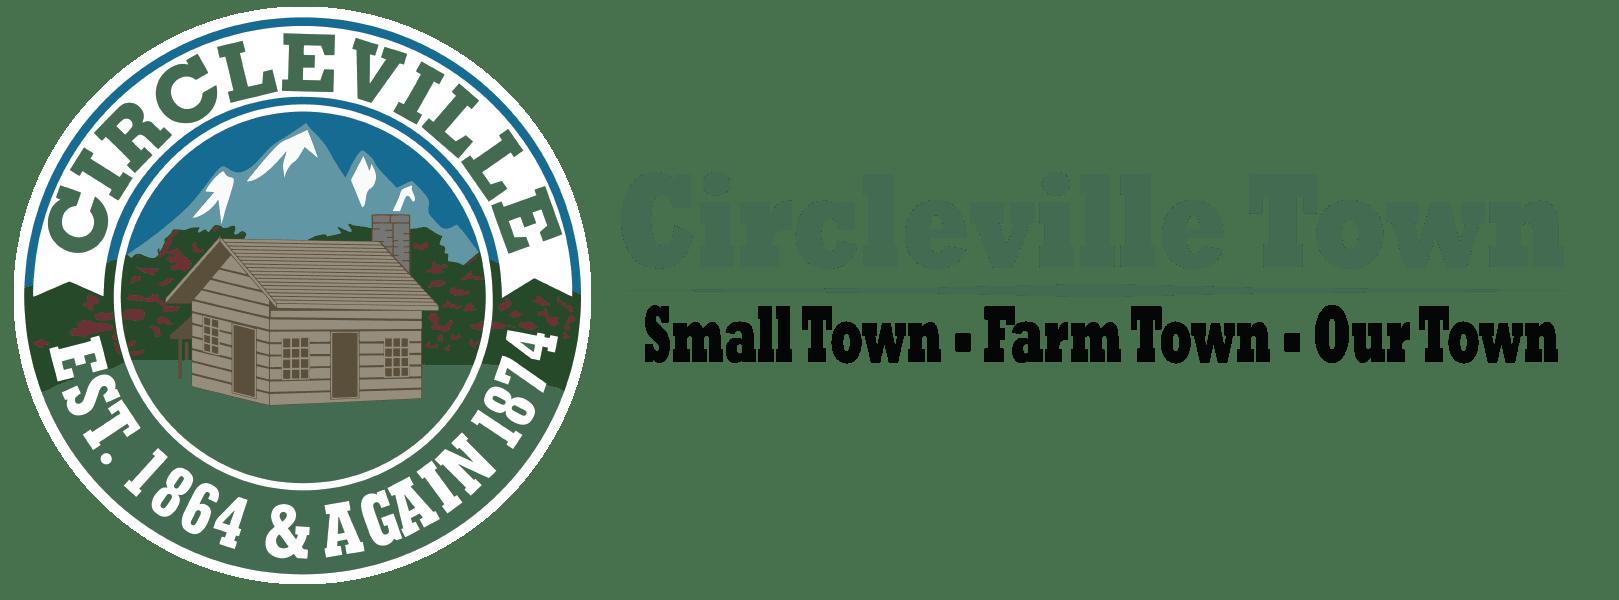 Town of Circleville, Utah